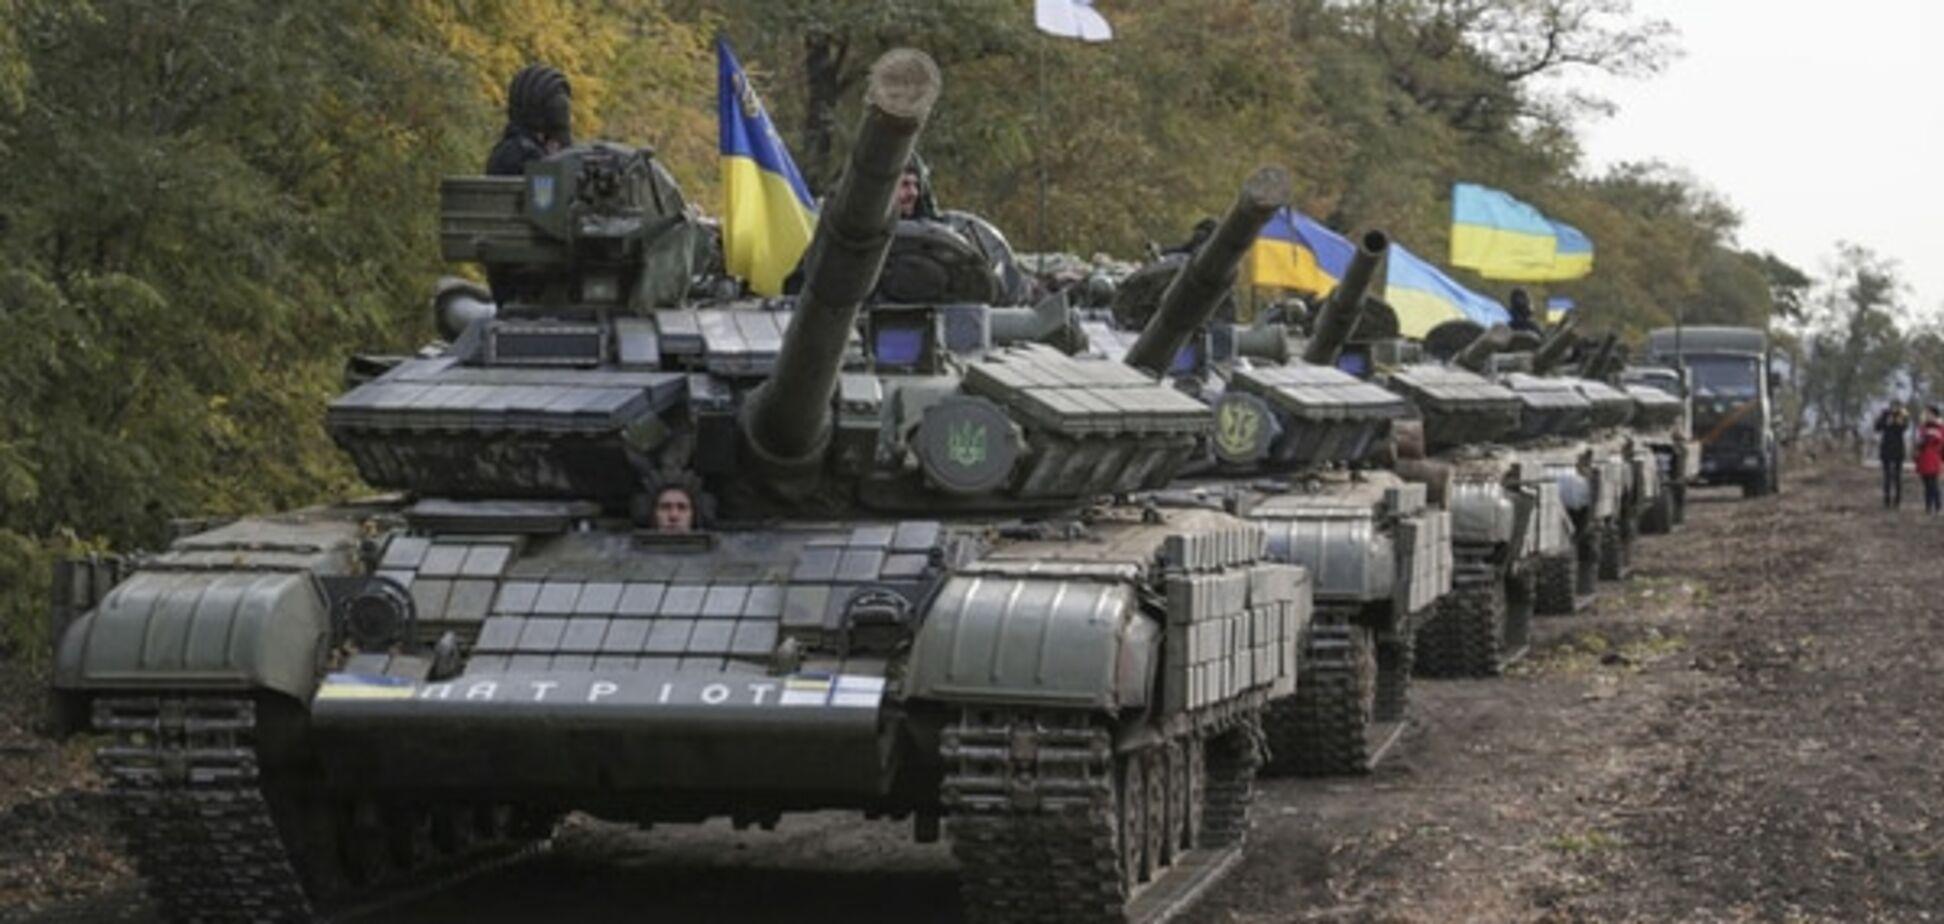 Якщо Росія піде на Україну, отримає по сопатці - Арестович